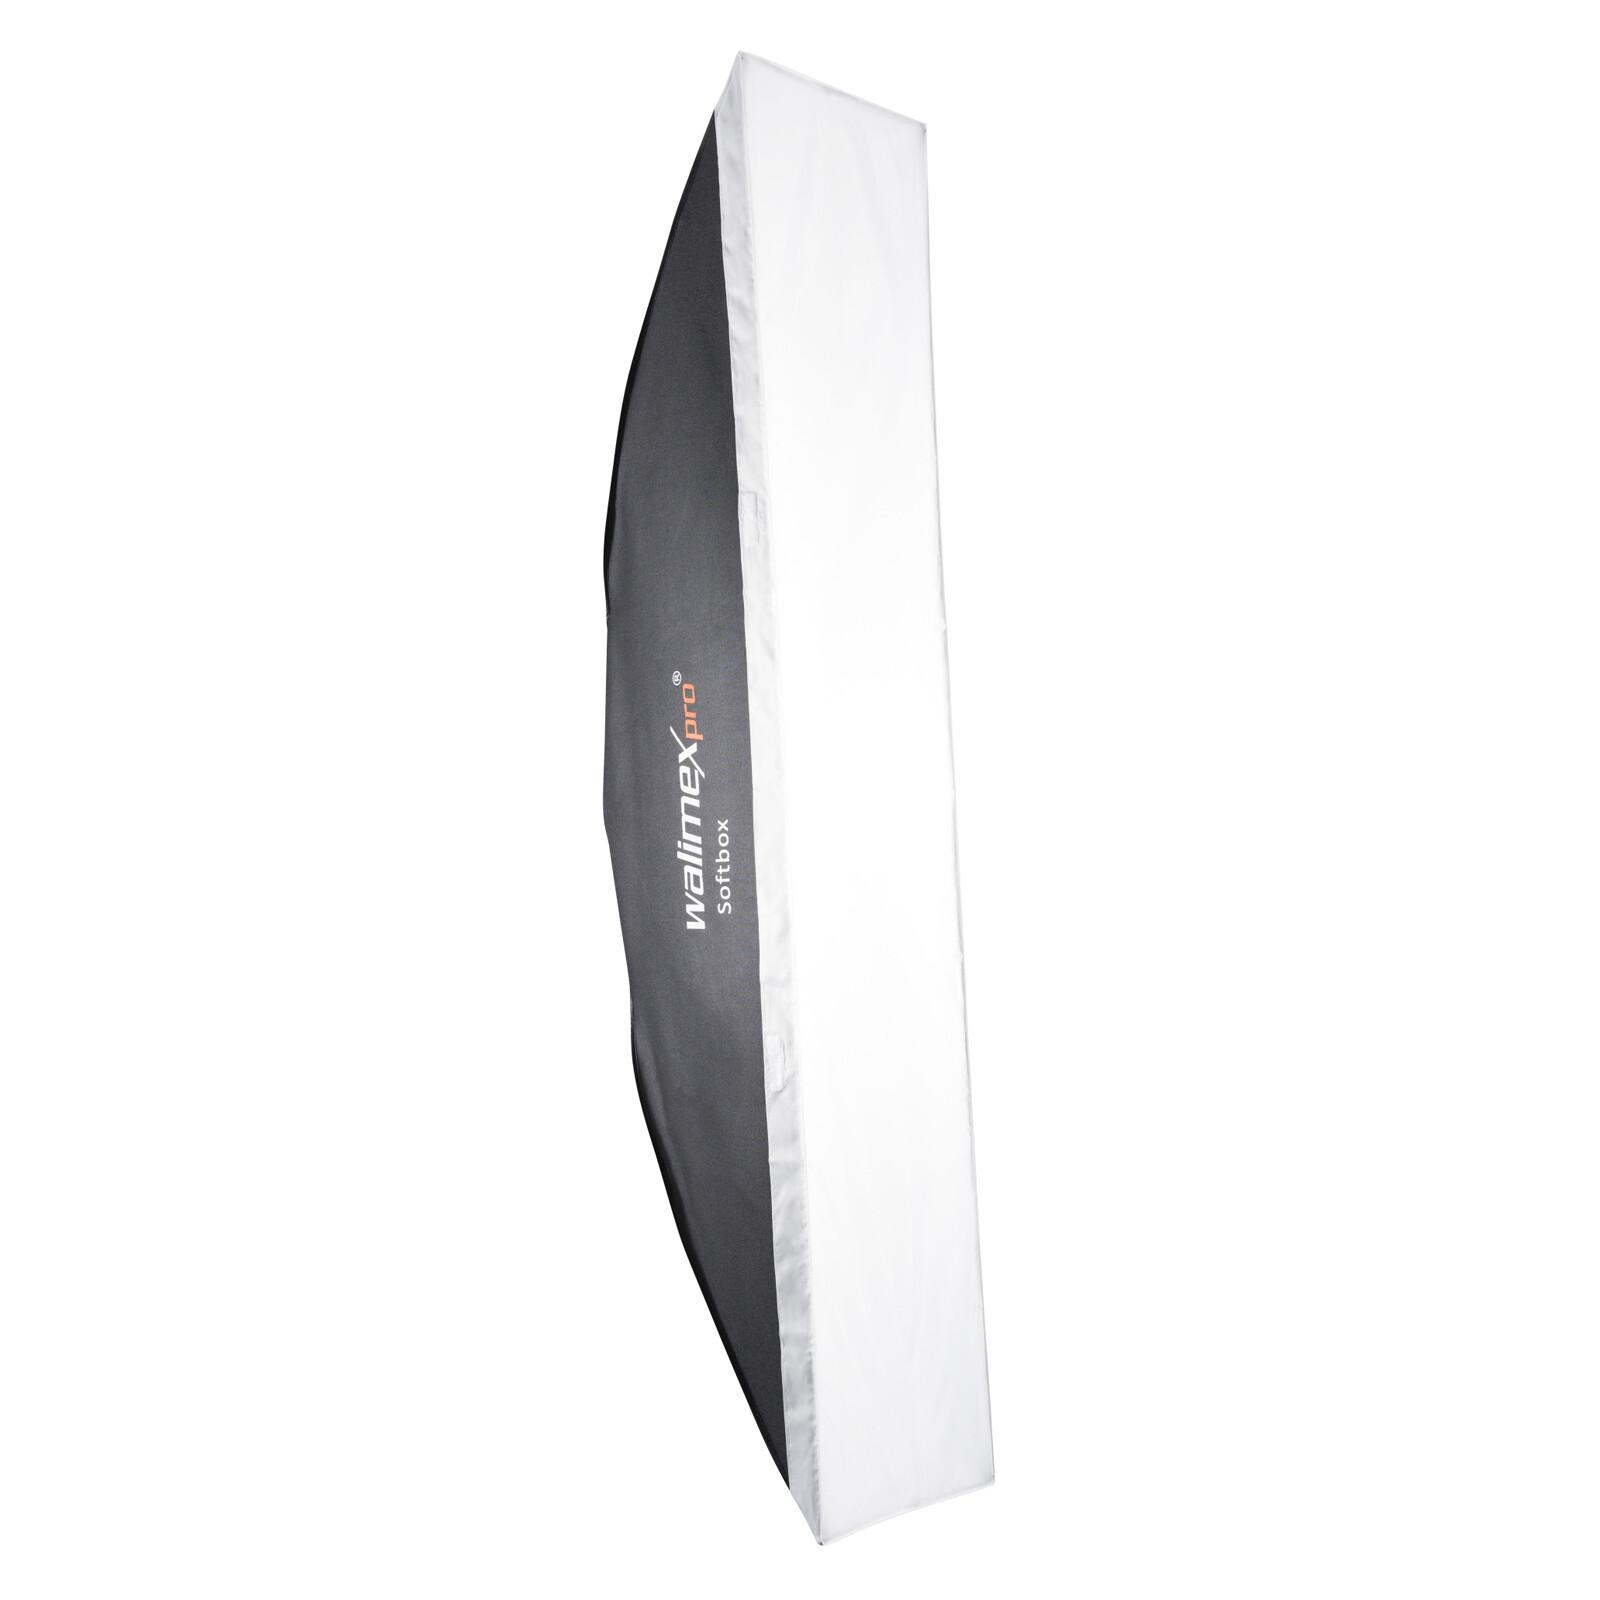 walimex pro Striplight 40x180cm für Elinchrom